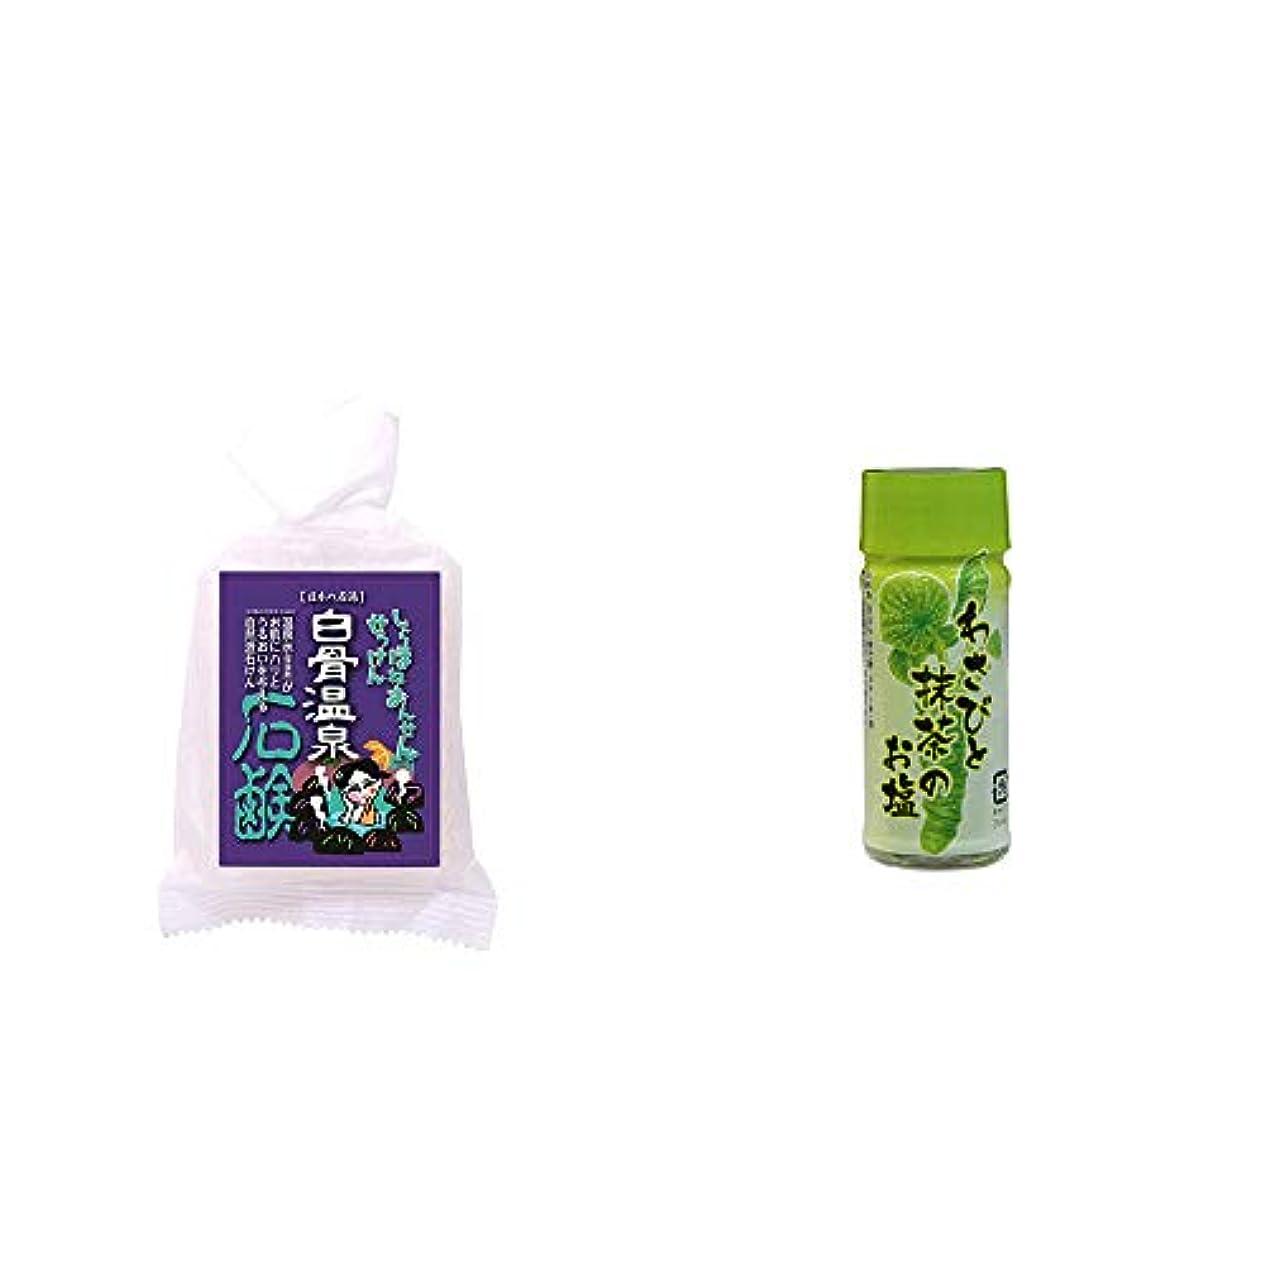 バー摂氏ウィンク[2点セット] 信州 白骨温泉石鹸(80g)?わさびと抹茶のお塩(30g)